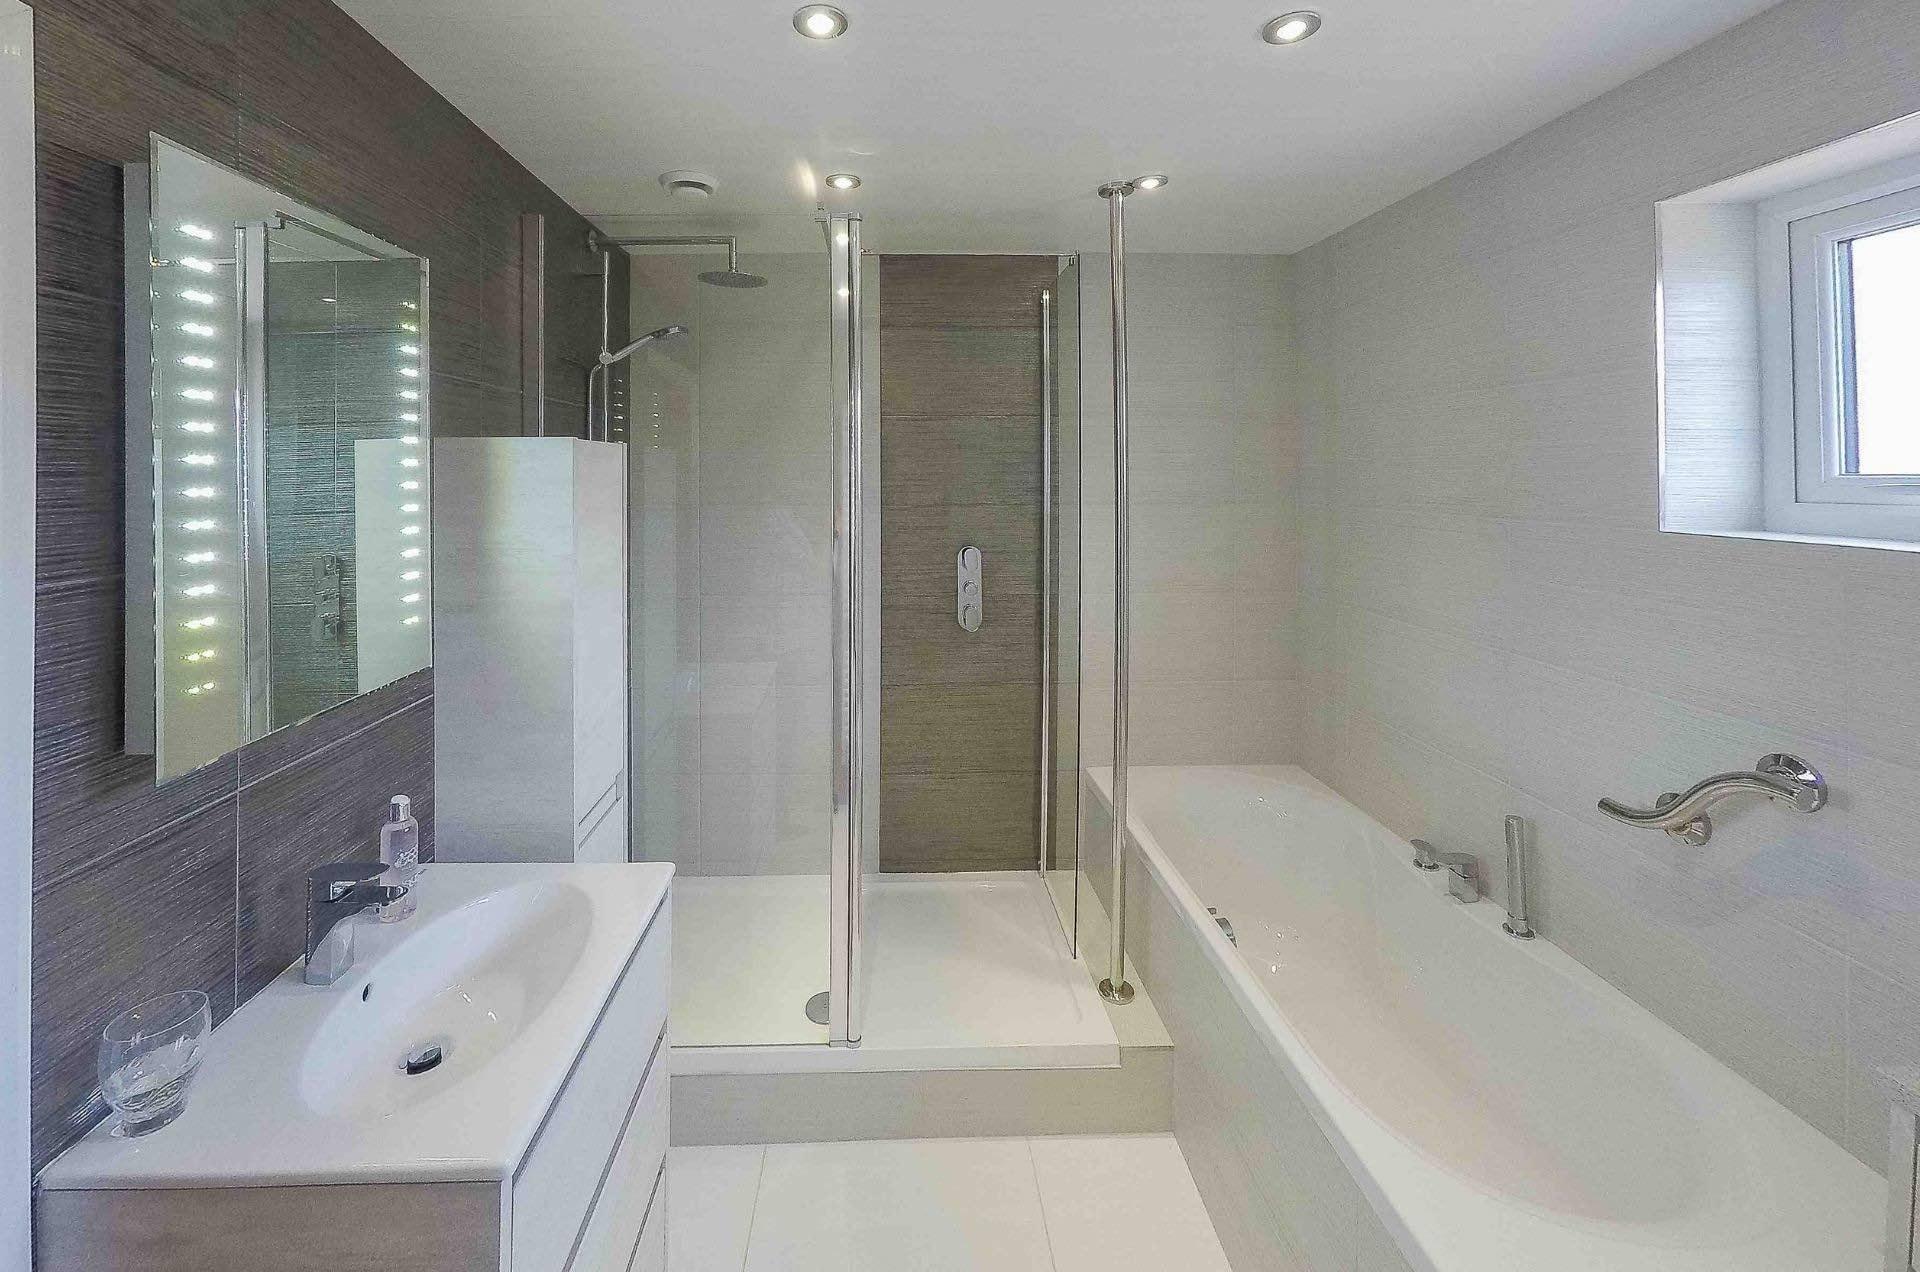 Susan-bathroom-design-1